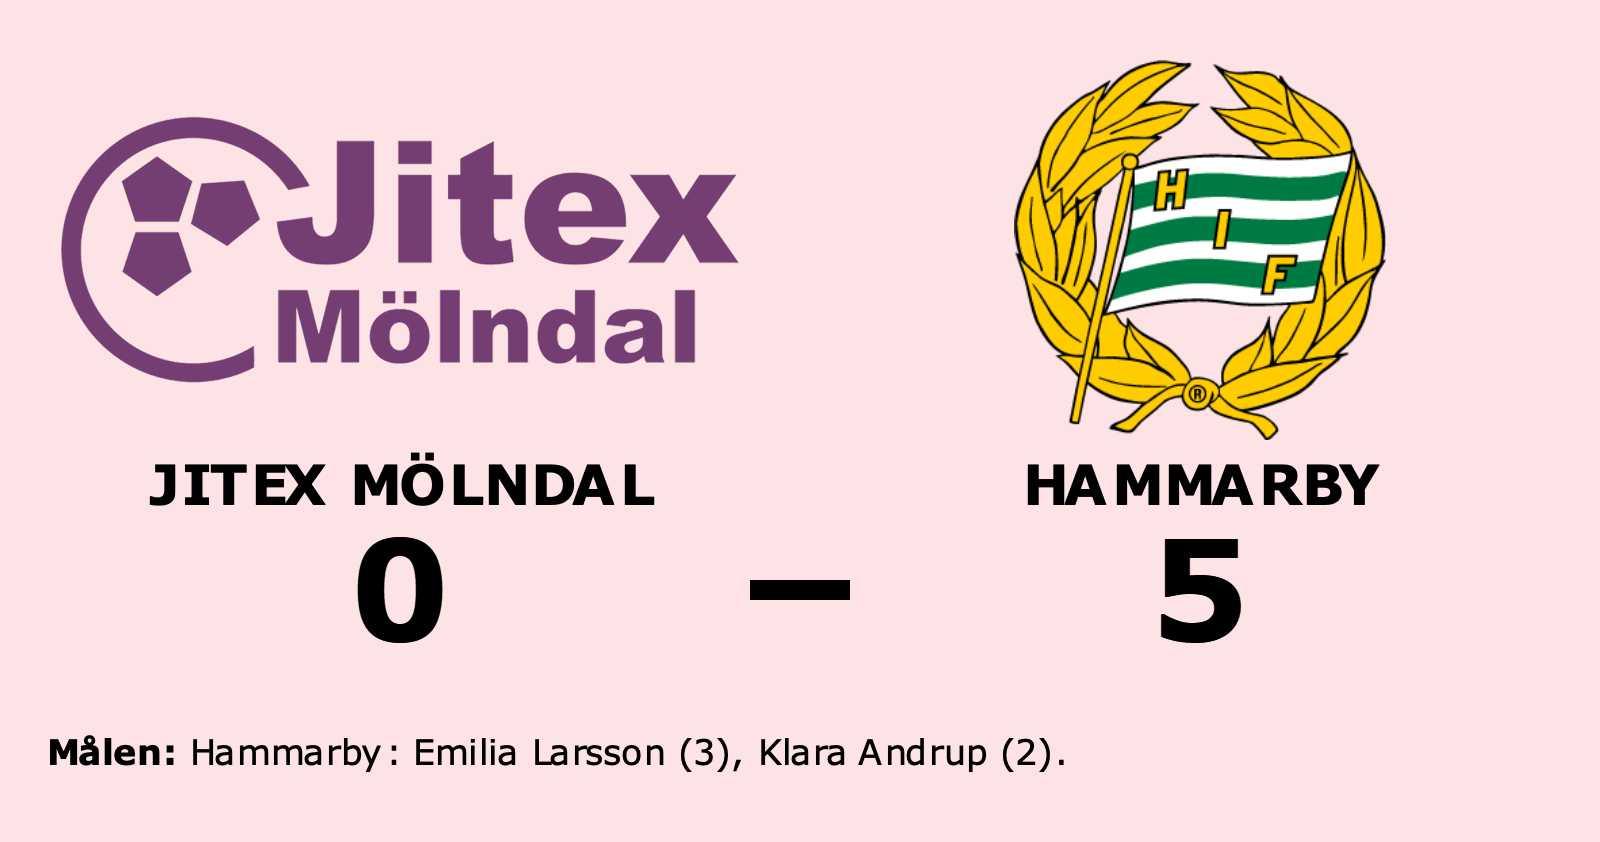 Väntad seger för vinstmaskinen Hammarby